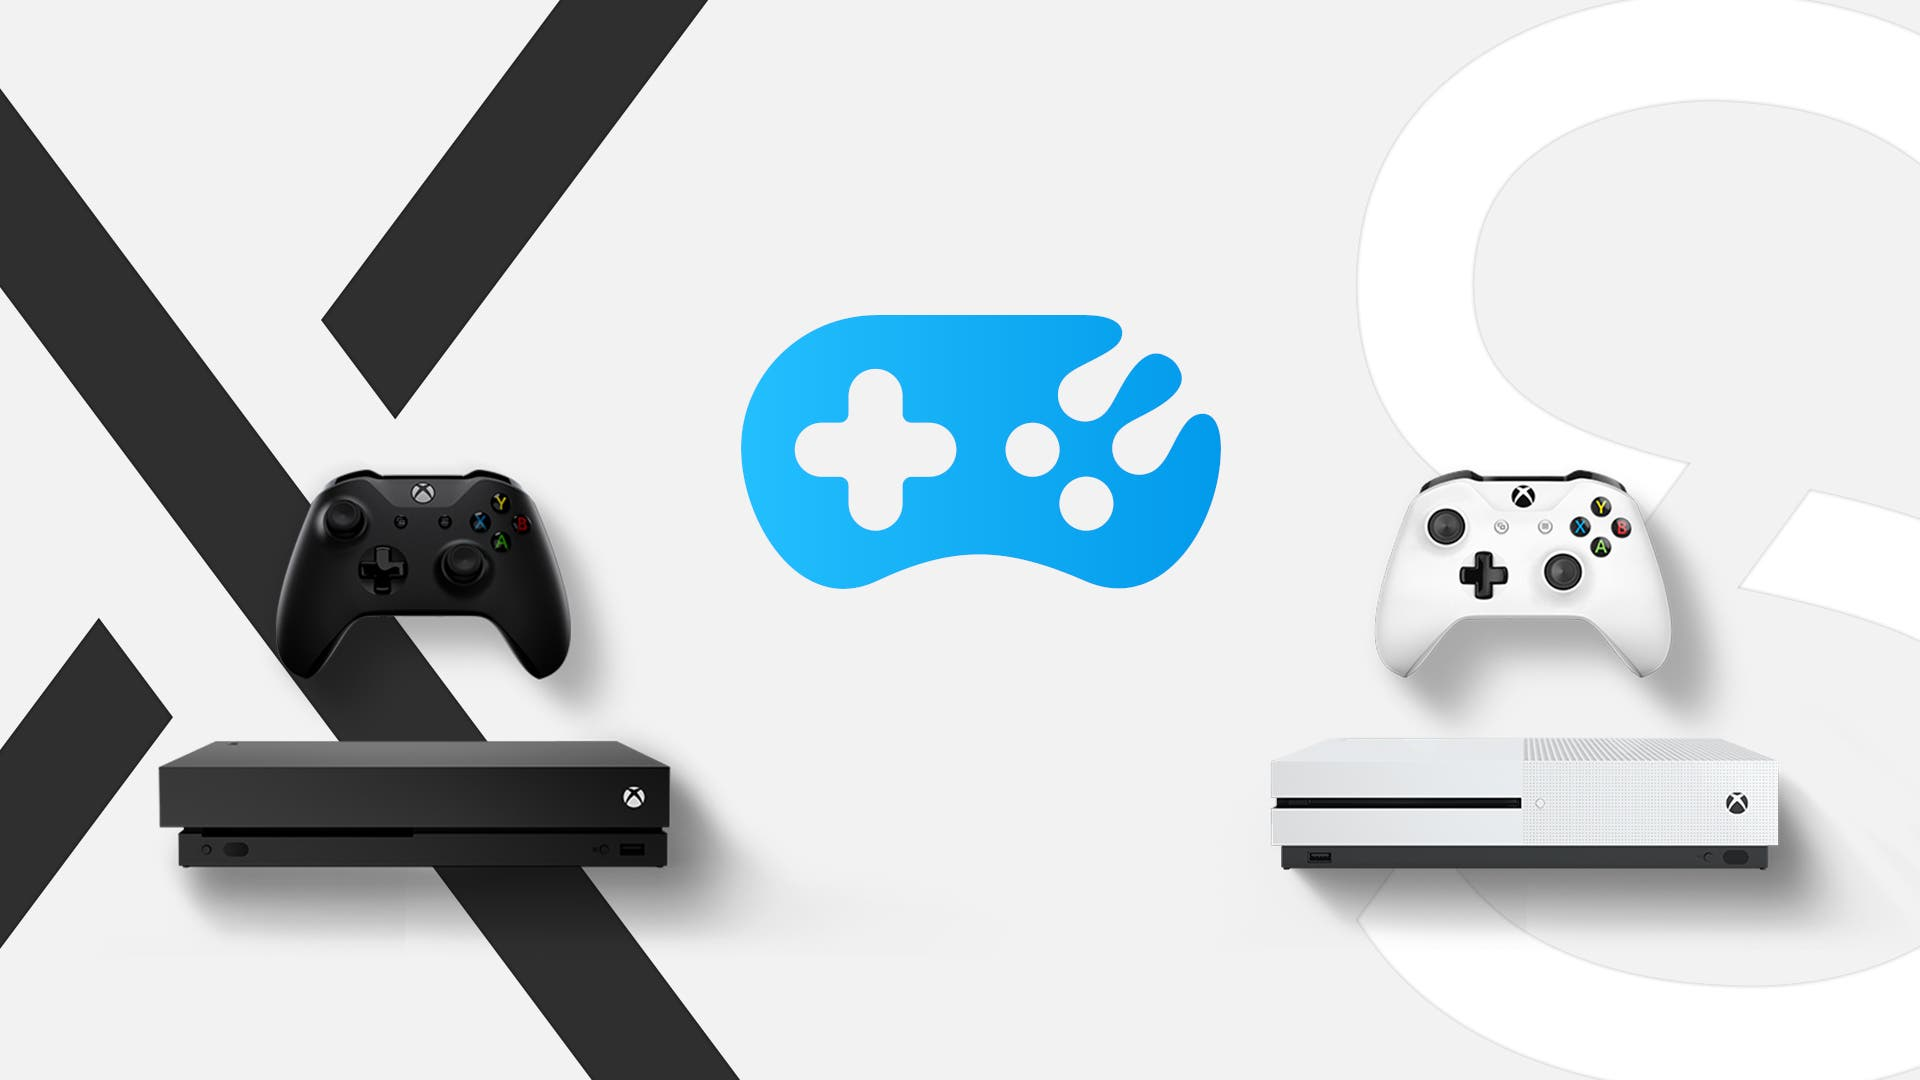 La beta de Rainway ya está disponible en Xbox One, juega juegos de PC en tu consola 6